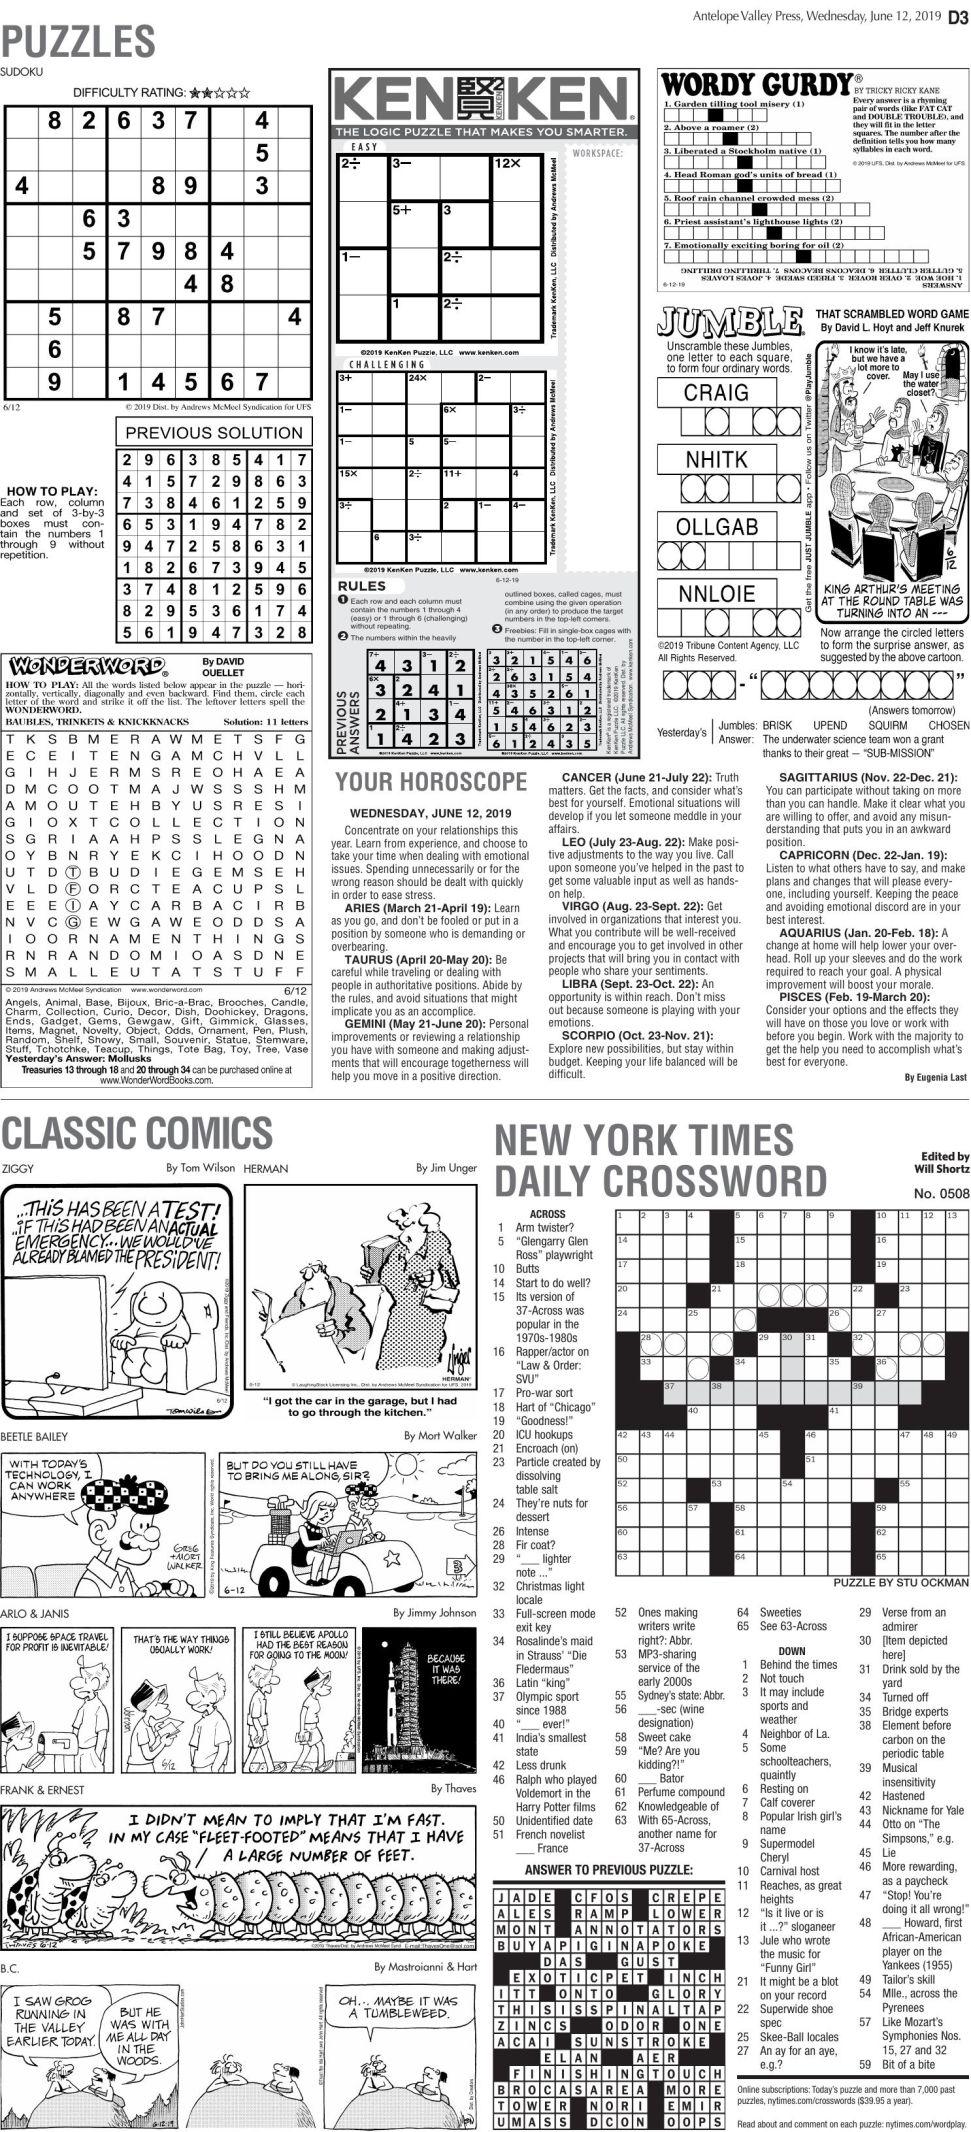 June 12, 2019 Puzzles